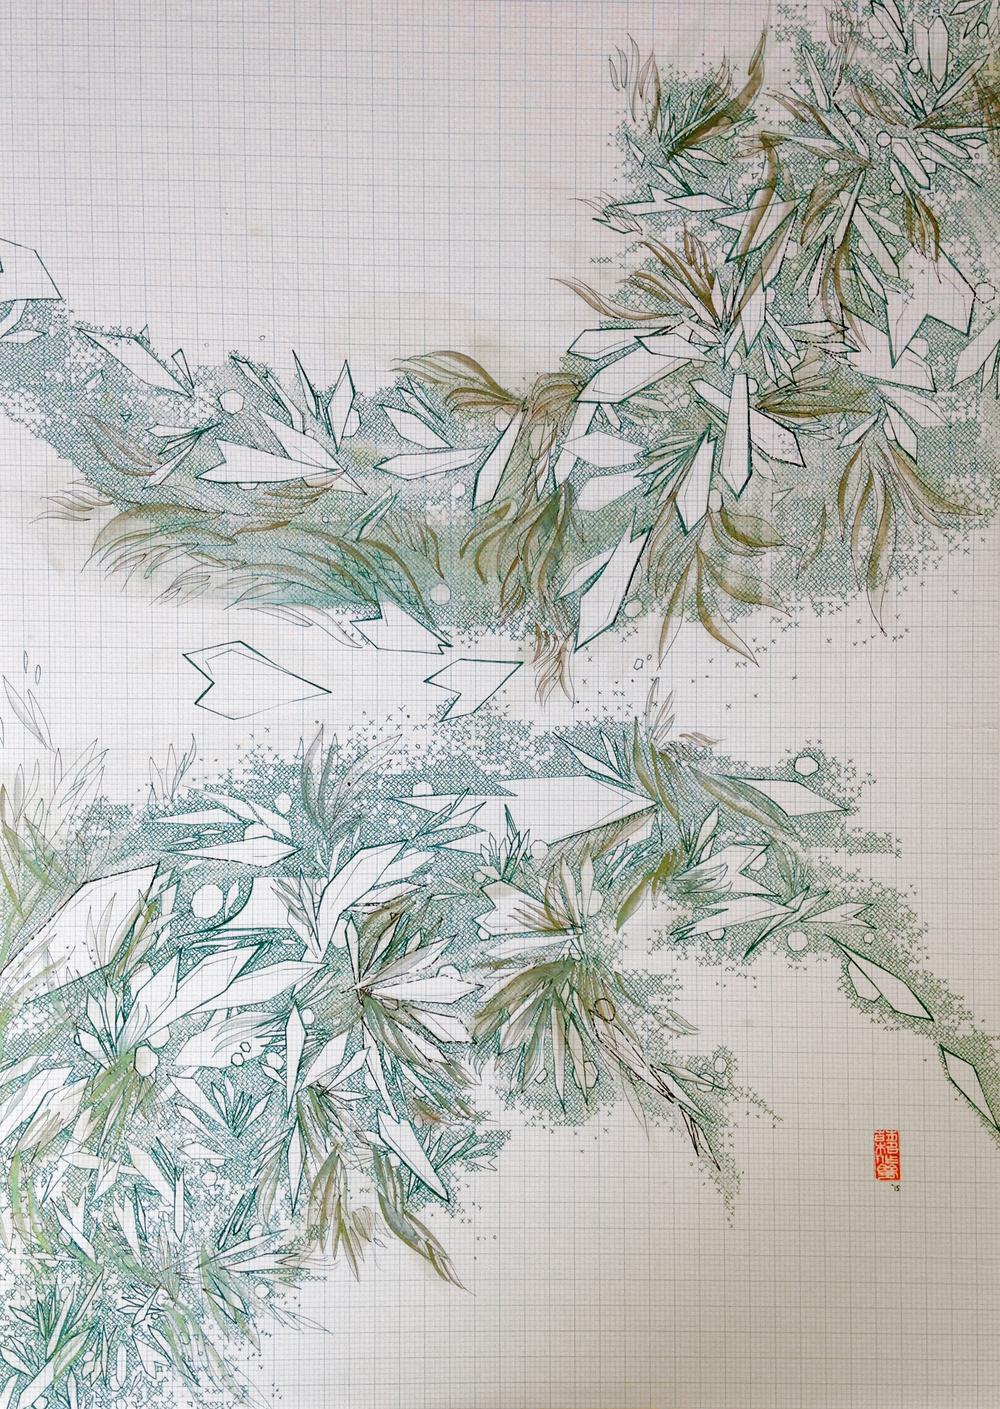 'オリーブ'  Green pigment liner, olive tea ink, metallic watercolour, hanko signature stamp, 400 x 560mm